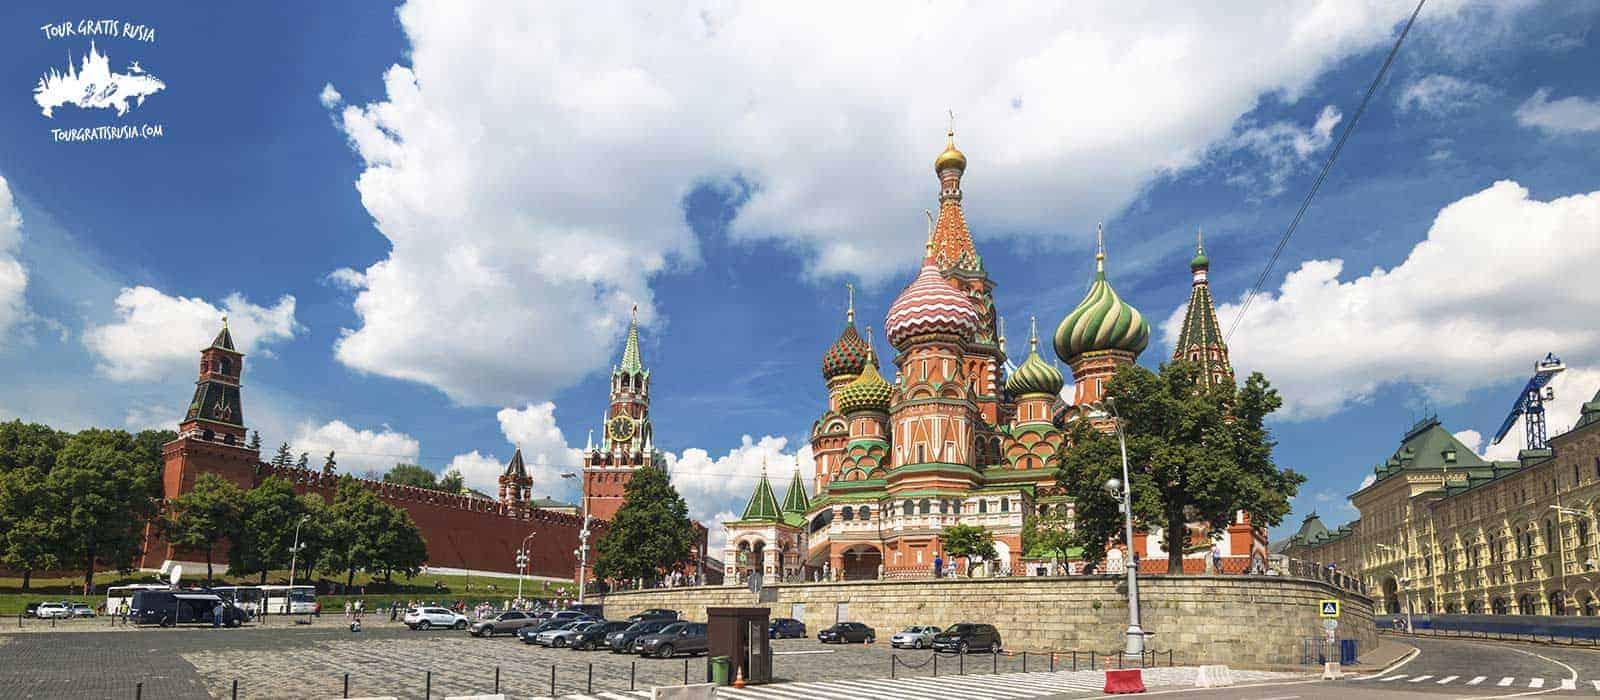 Tour 2 días en Moscú